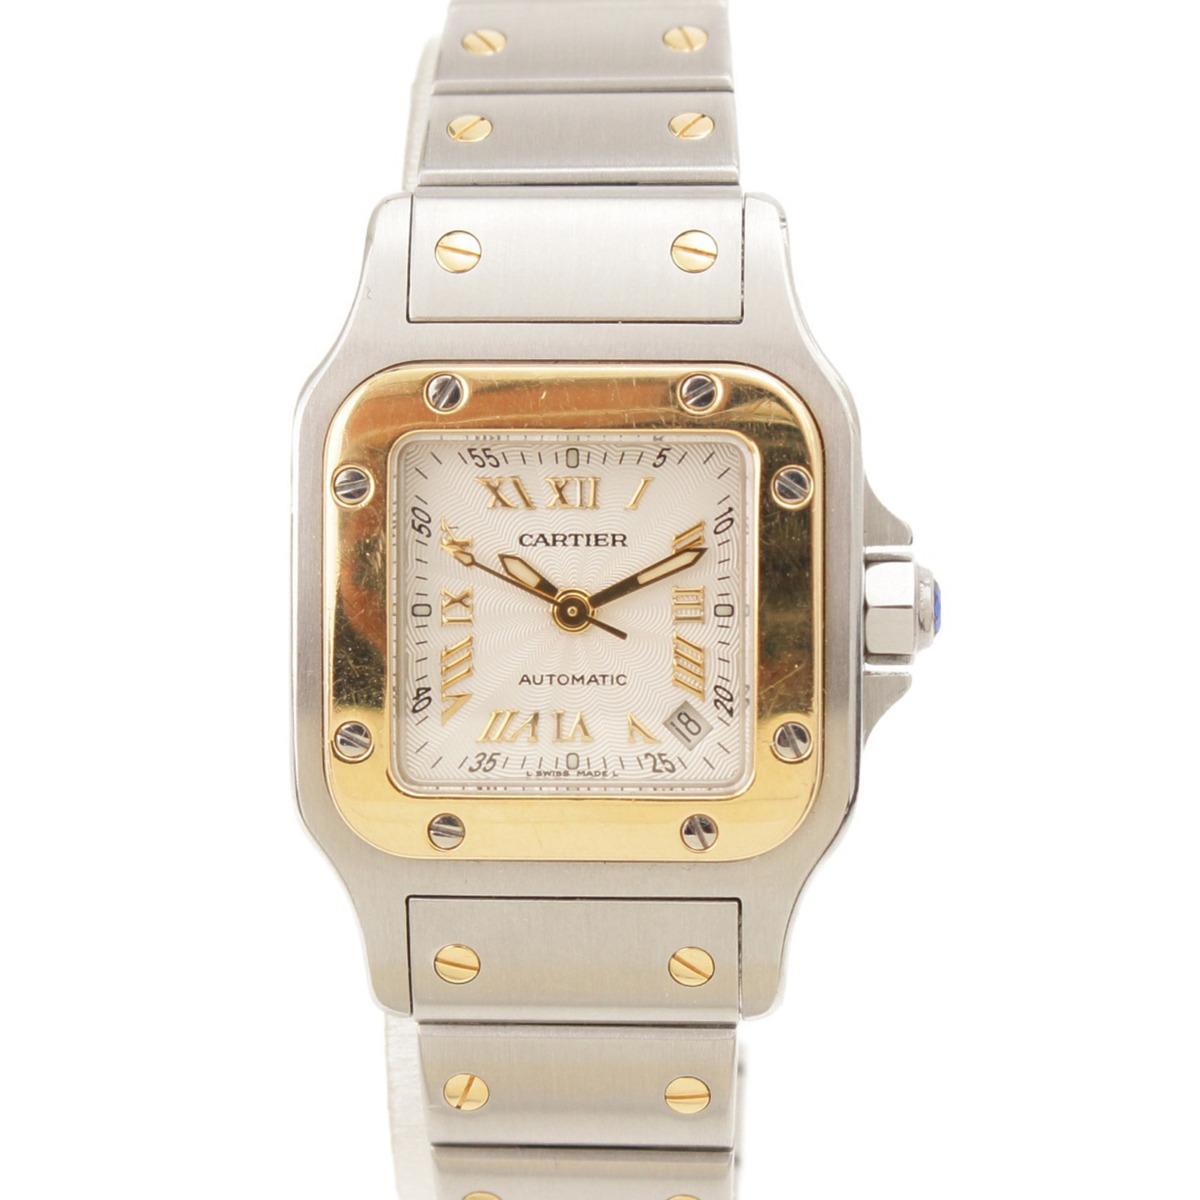 【カルティエ】Cartier サントス ガルベ 自動巻き 腕時計 W20045C4 シルバー×ゴールド 【中古】【鑑定済・正規品保証】57660